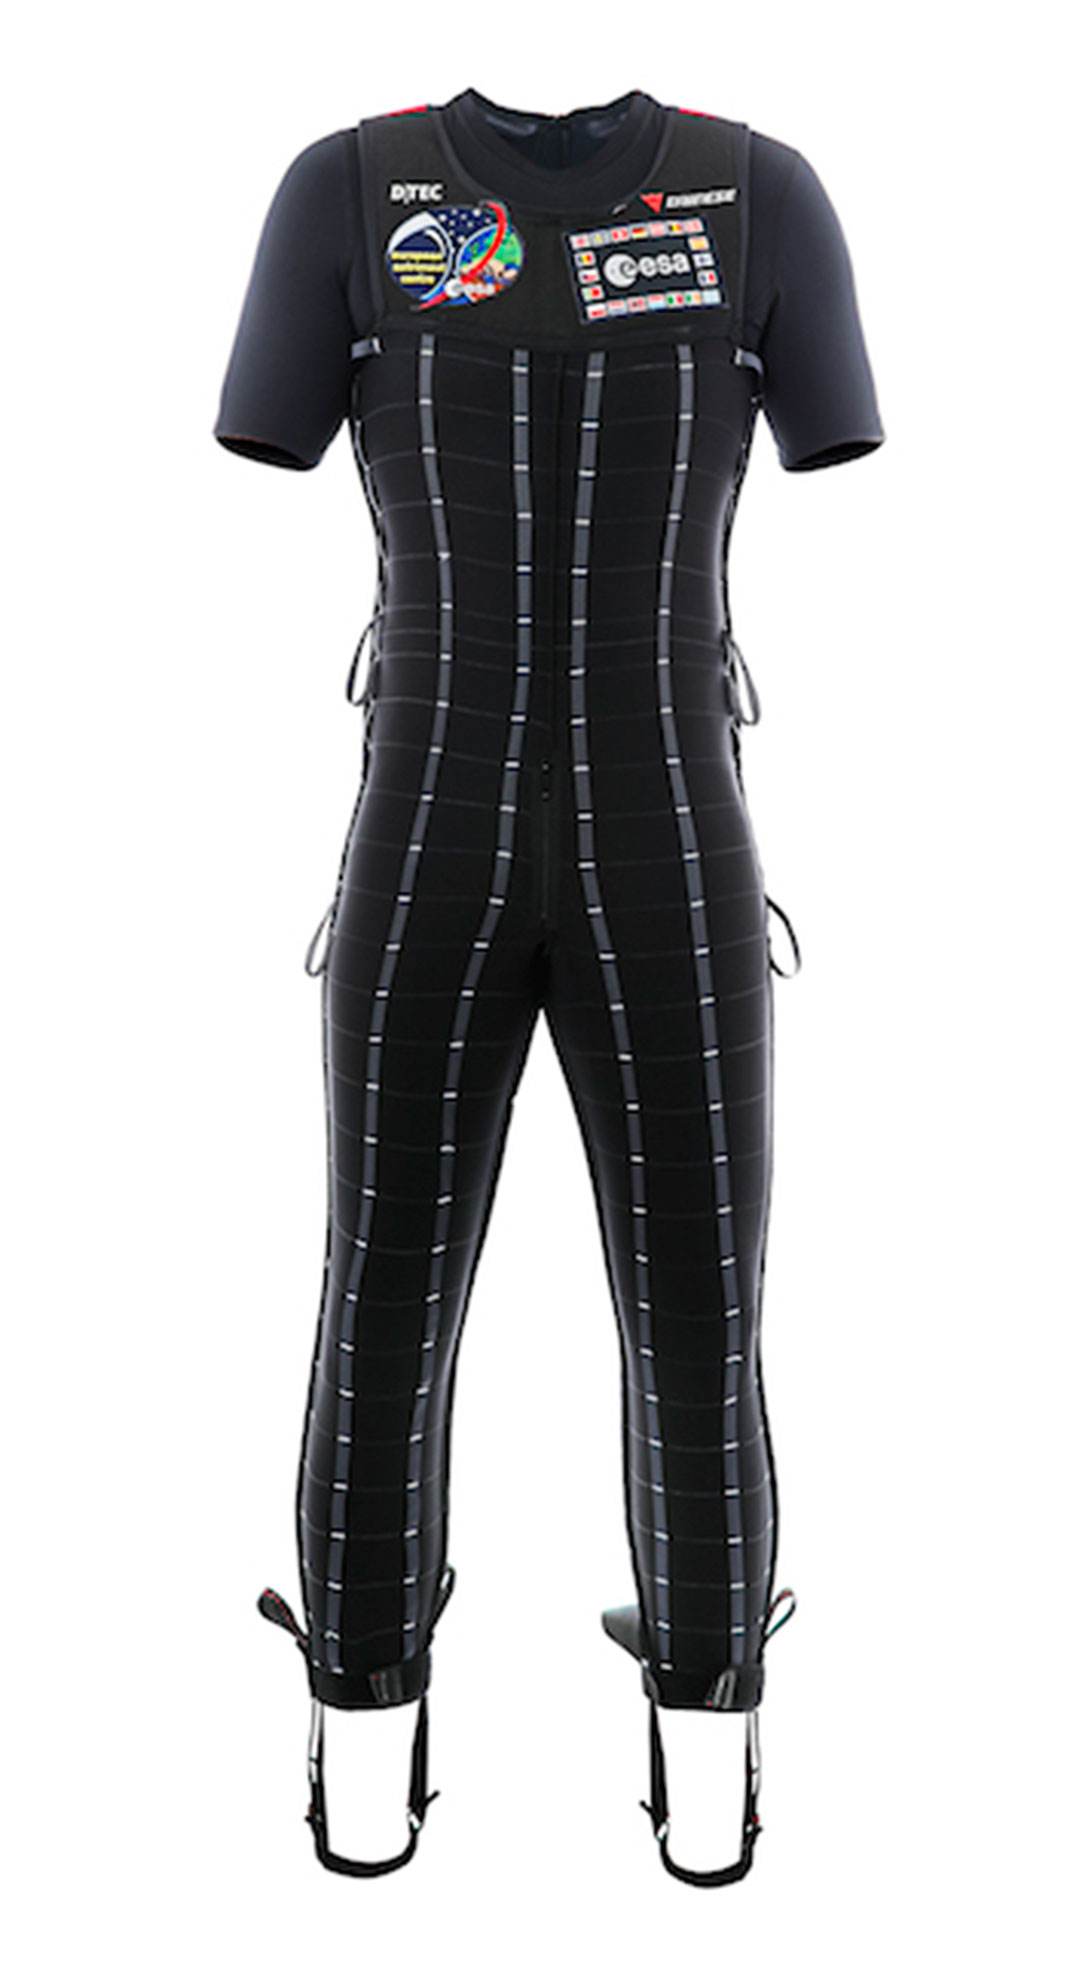 Skinsuit-4